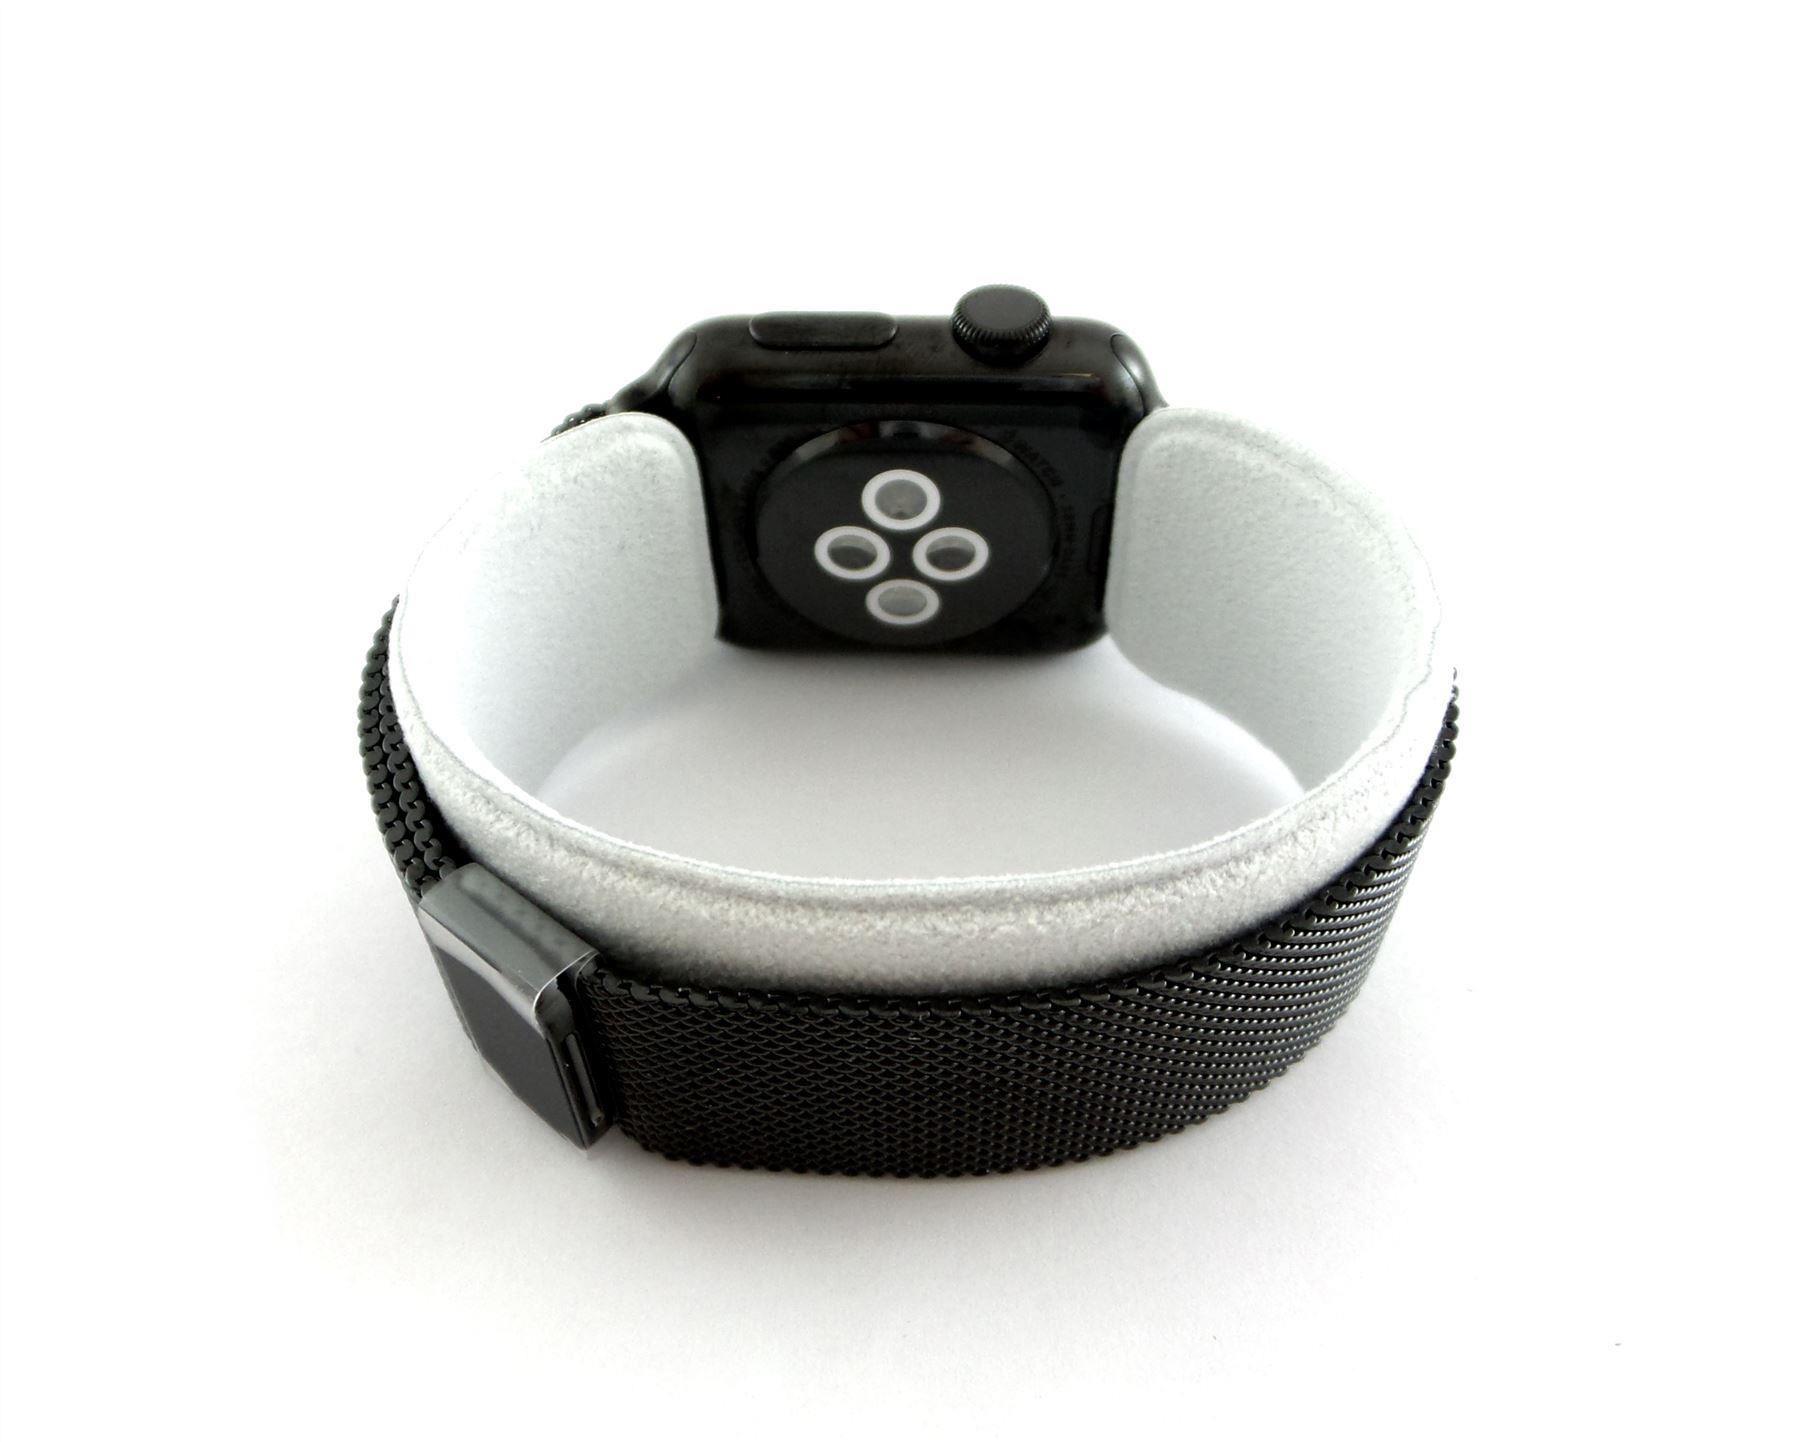 Apple Watch 38mm Space Black Case with Black Milanese Loop ...